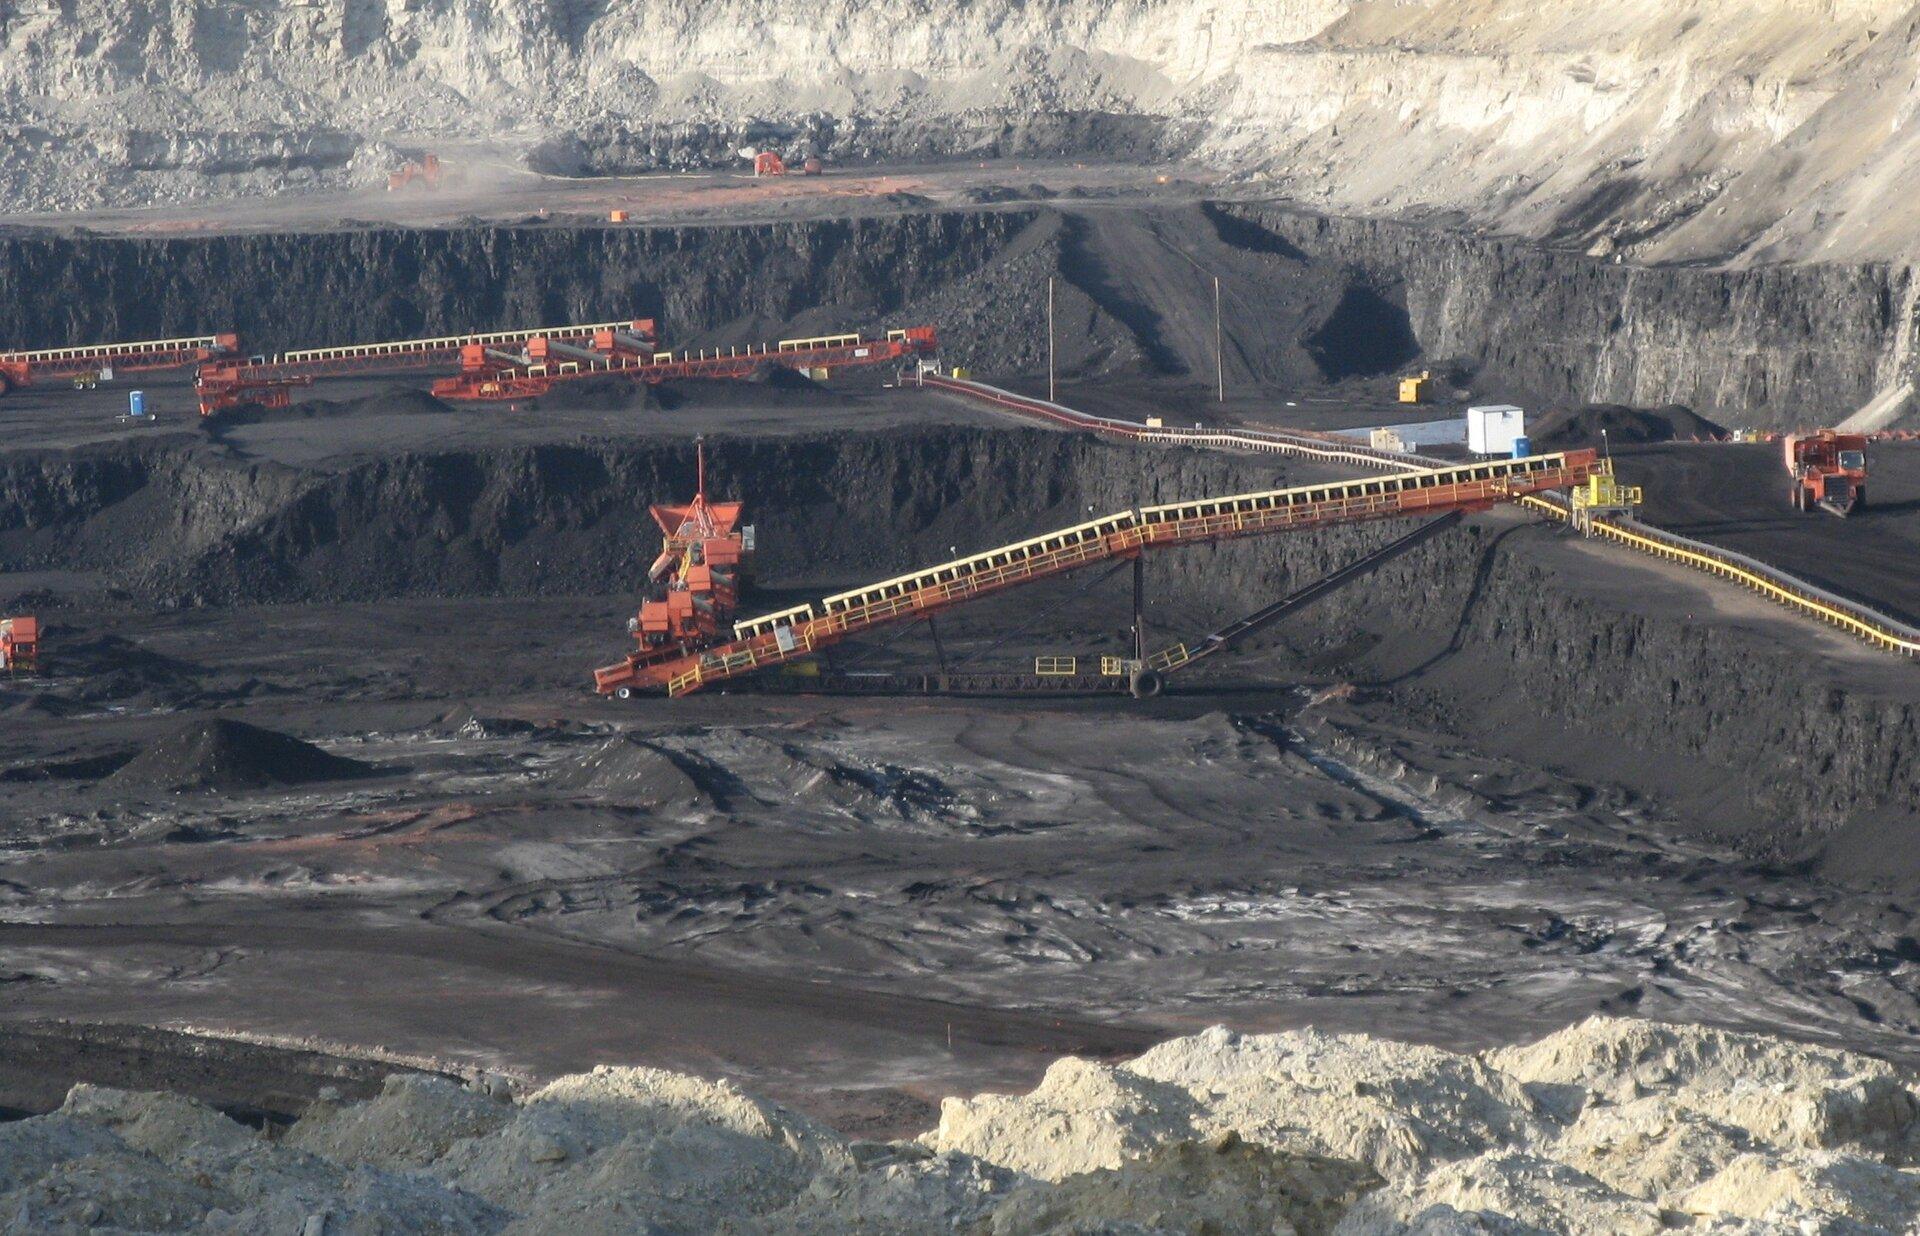 Na zdjęciu kopalnia odkrywkowa. Głębokie wykopy. Taśmociągi do podawania węgla. Maszyny iurządzenia górnicze.